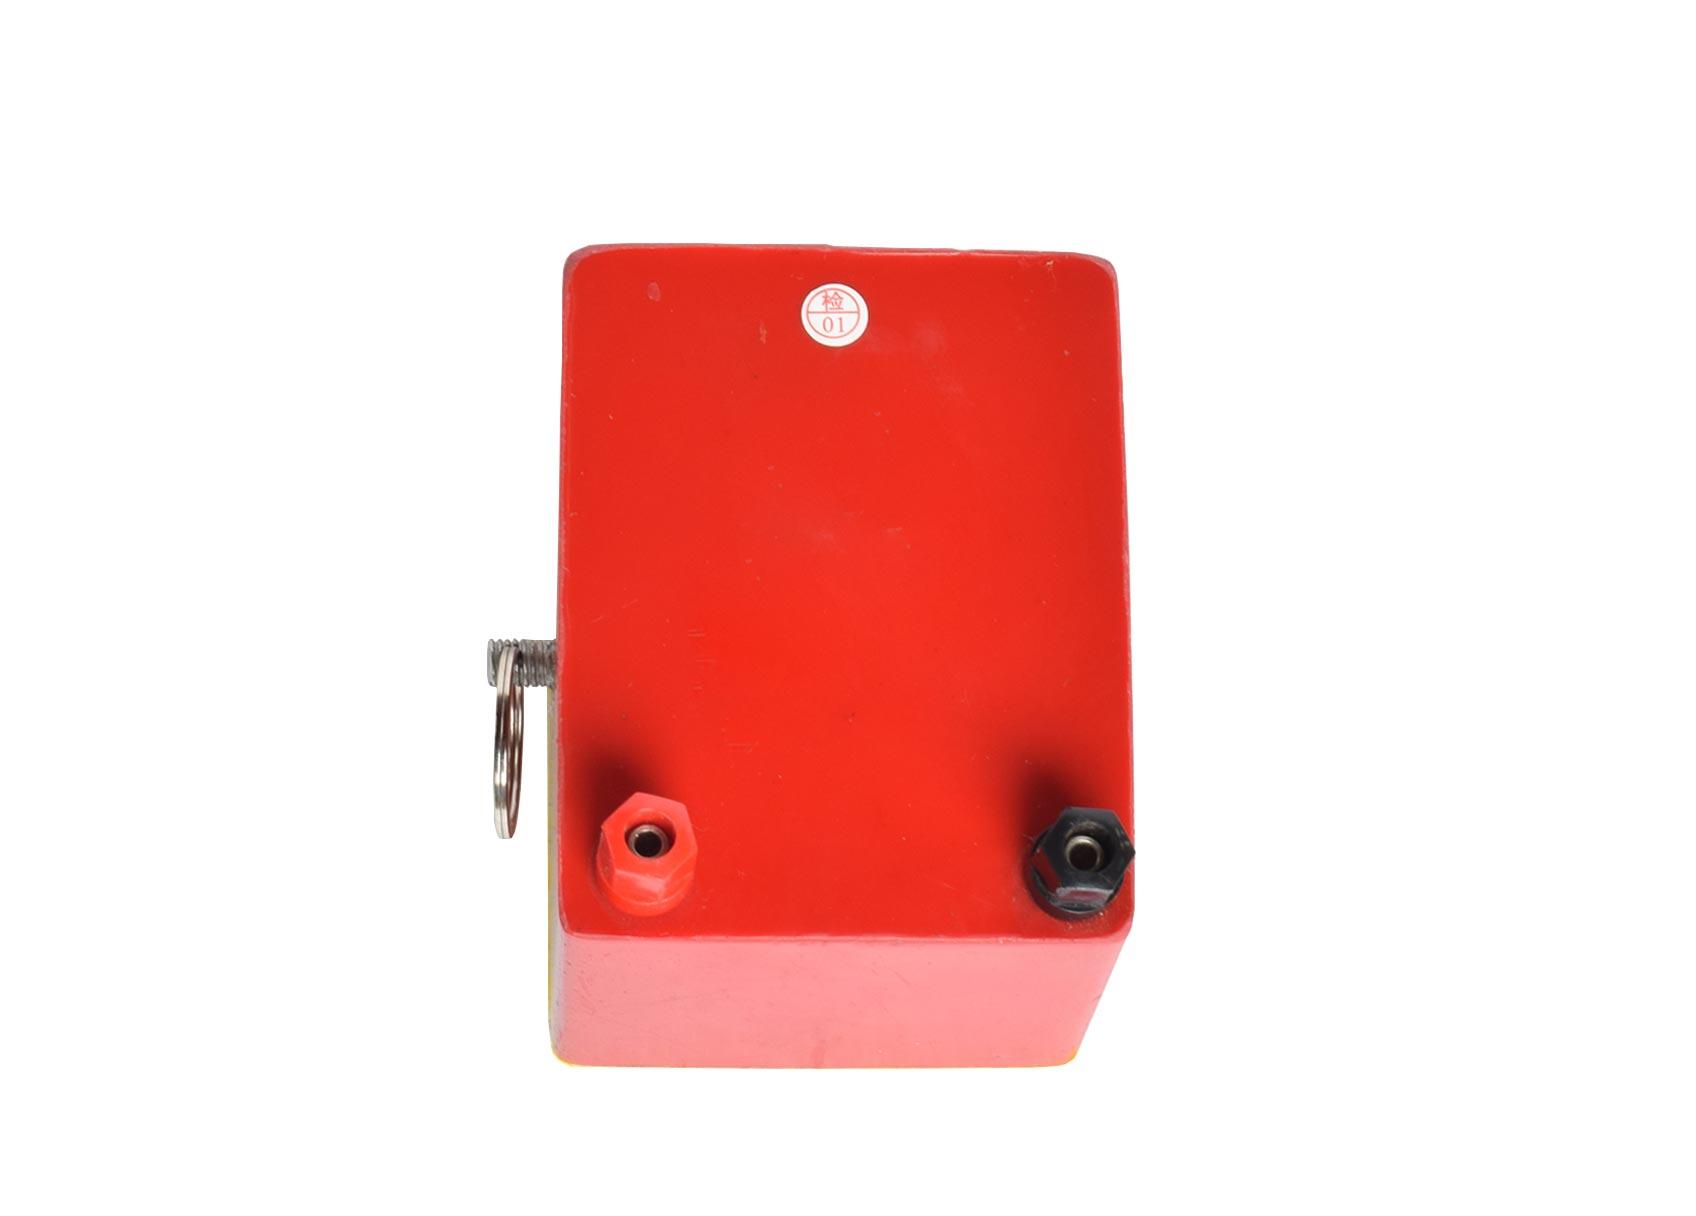 YTC3991高压开关真空度测试仪附件1